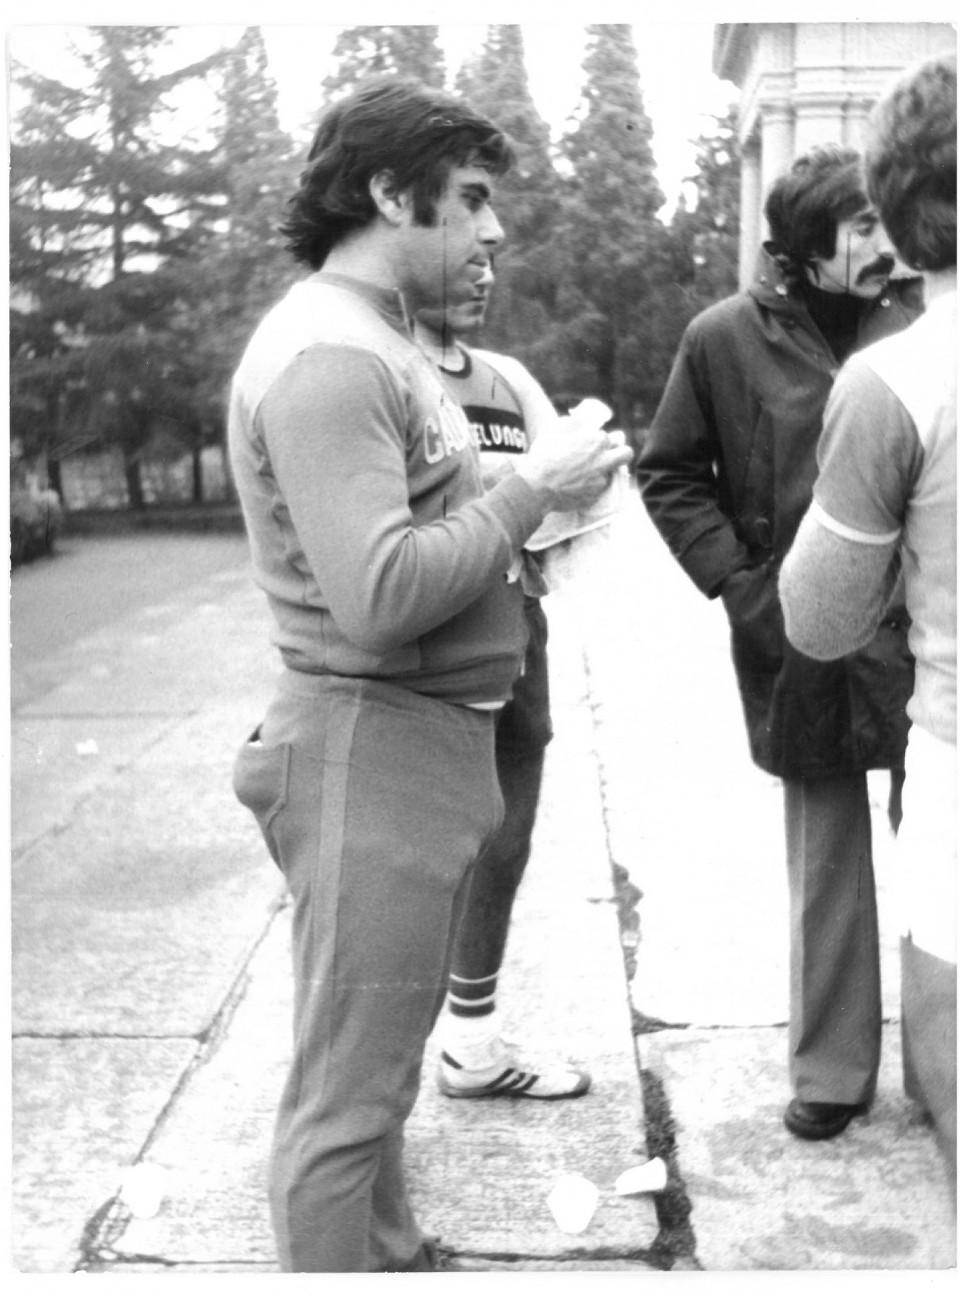 Atletica Calderara, 1976